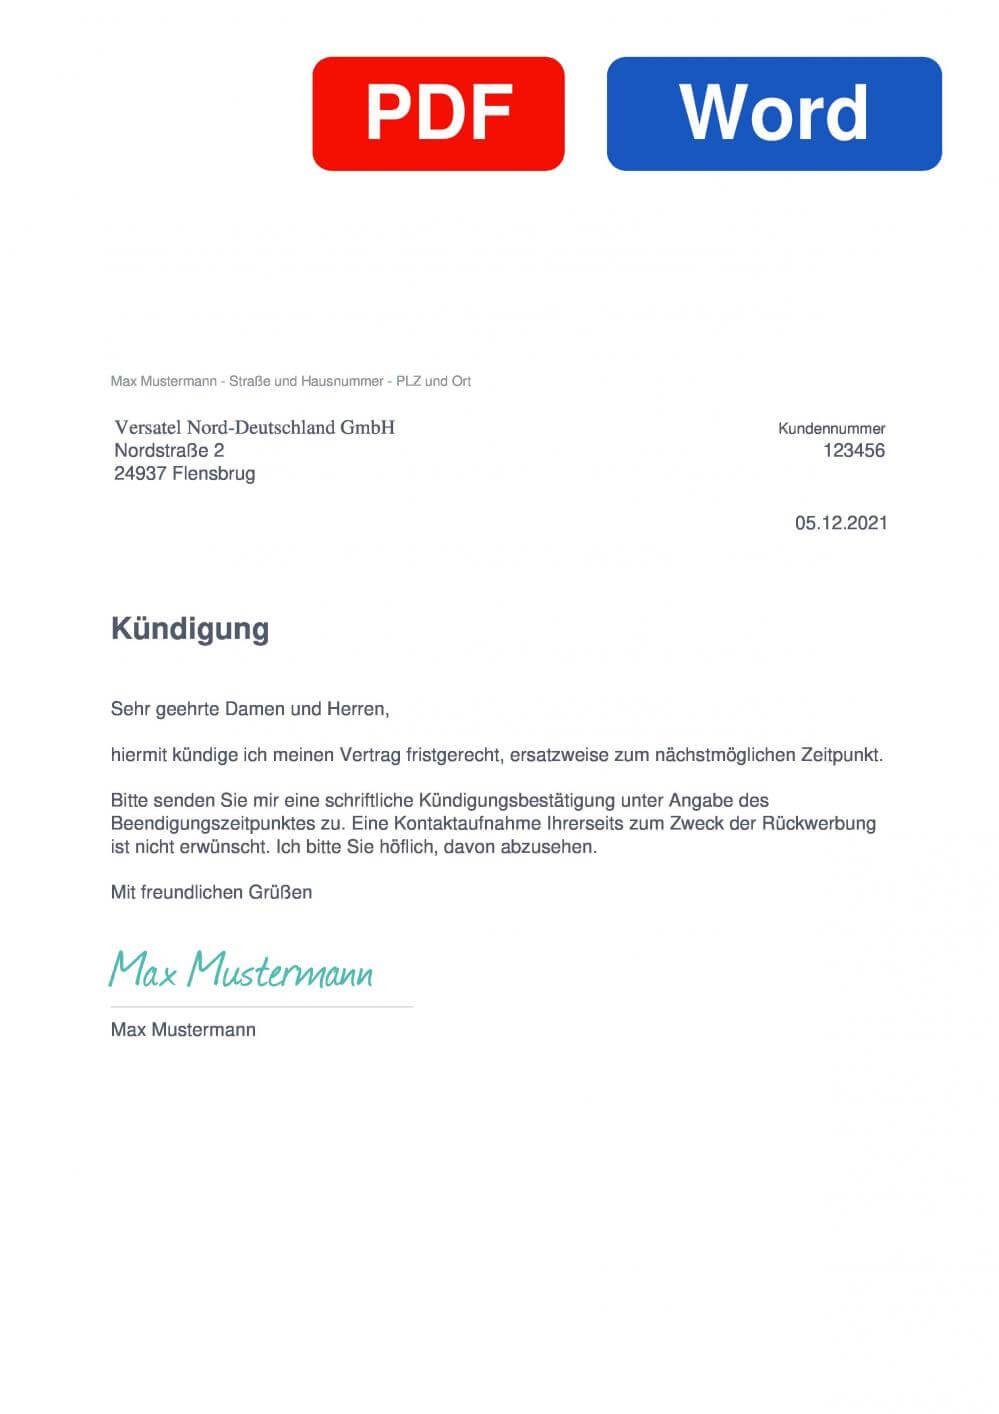 Versatel Nord Muster Vorlage für Kündigungsschreiben